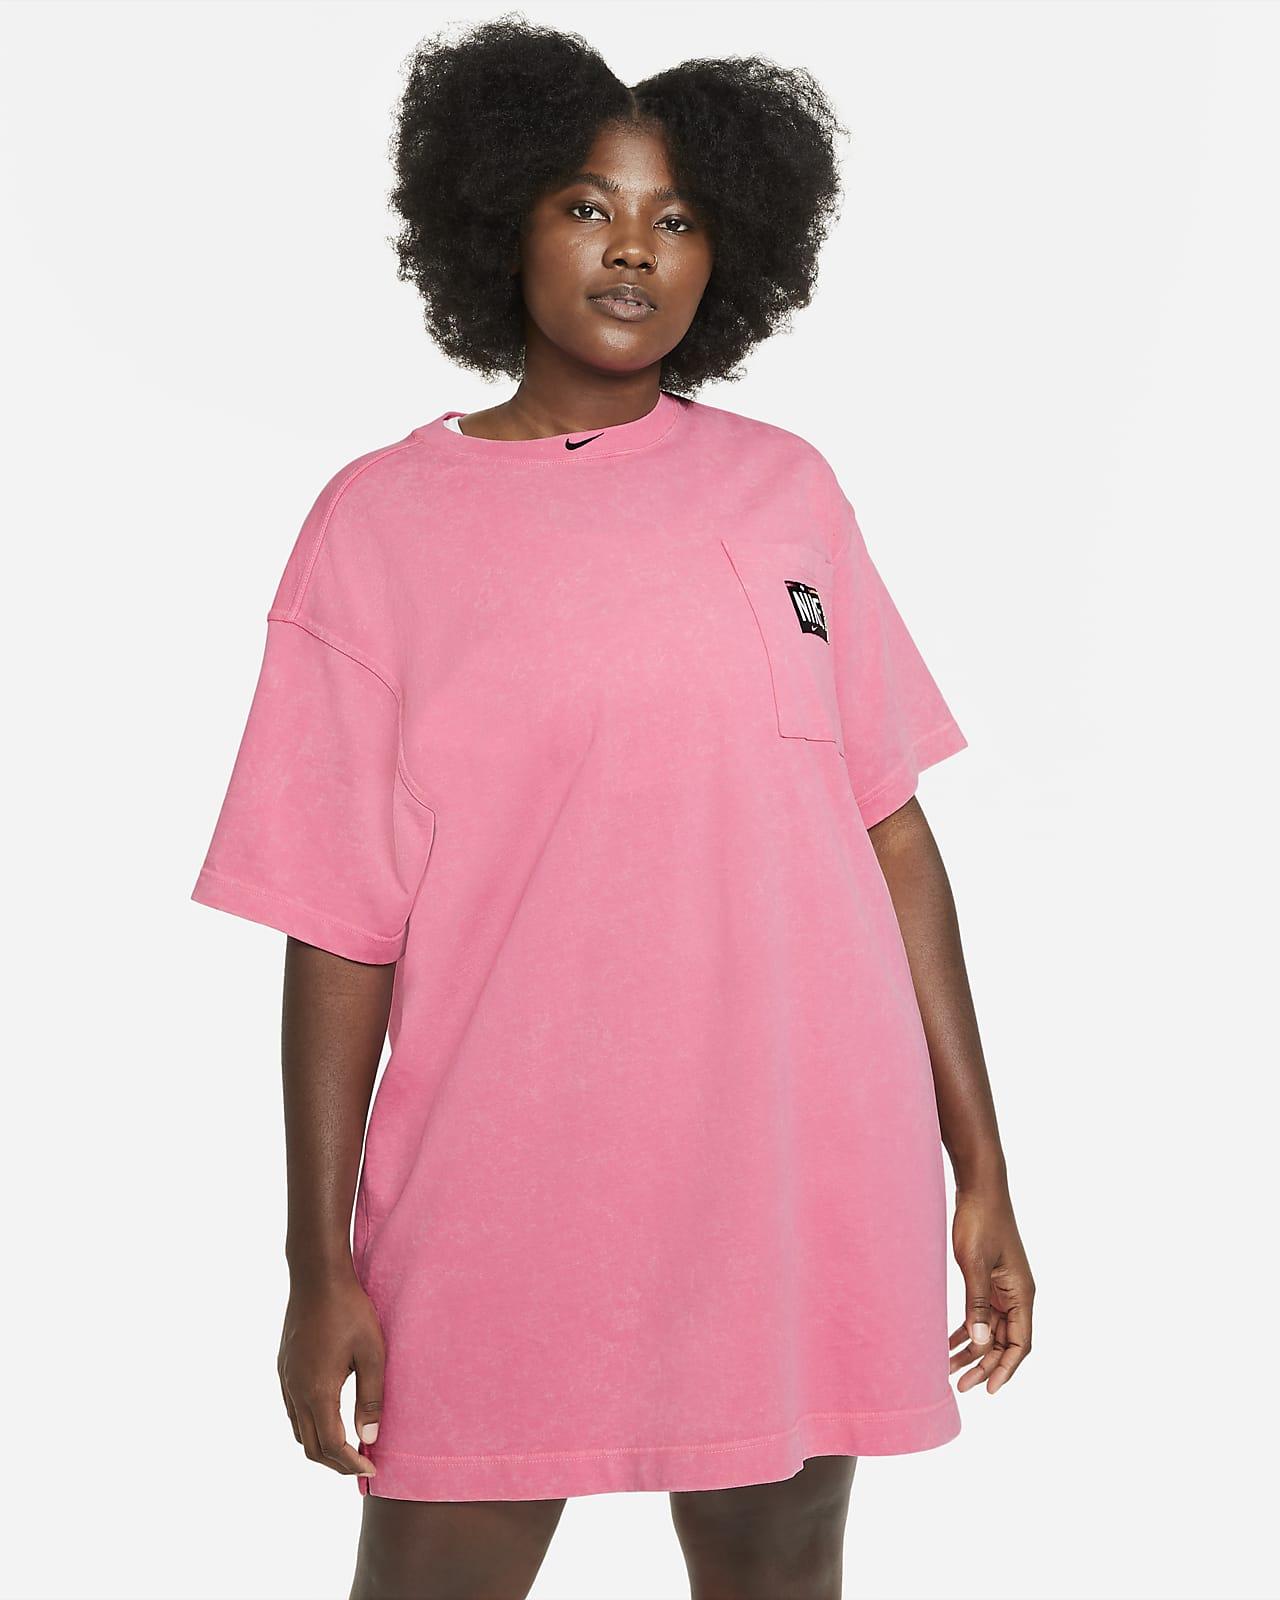 Sukienka damska Nike Sportswear (duże rozmiary)